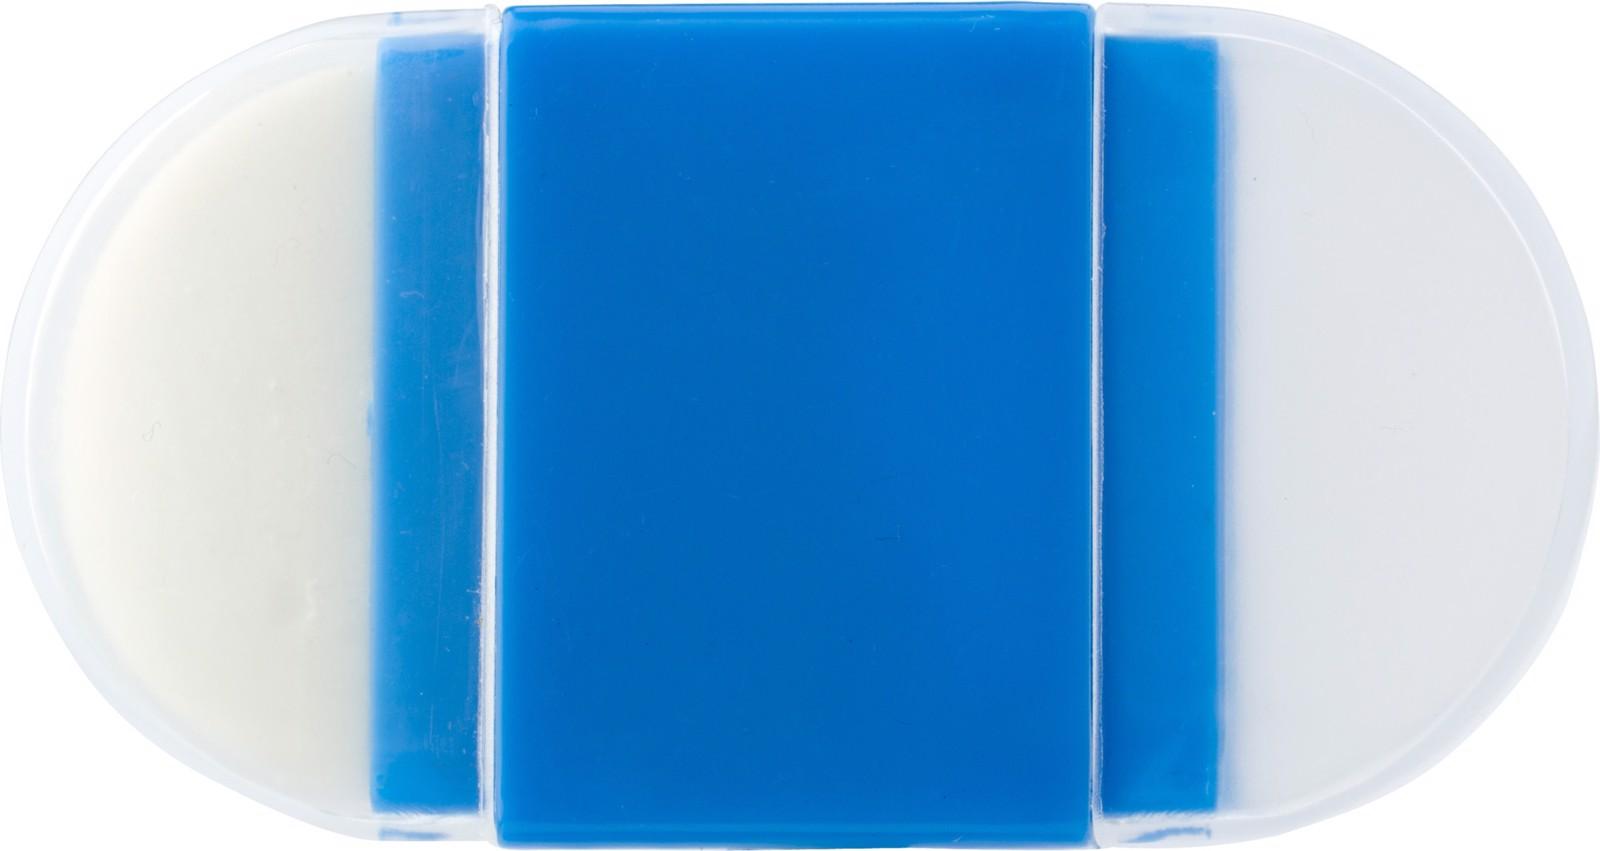 PS pencil sharpener and eraser - Cobalt Blue